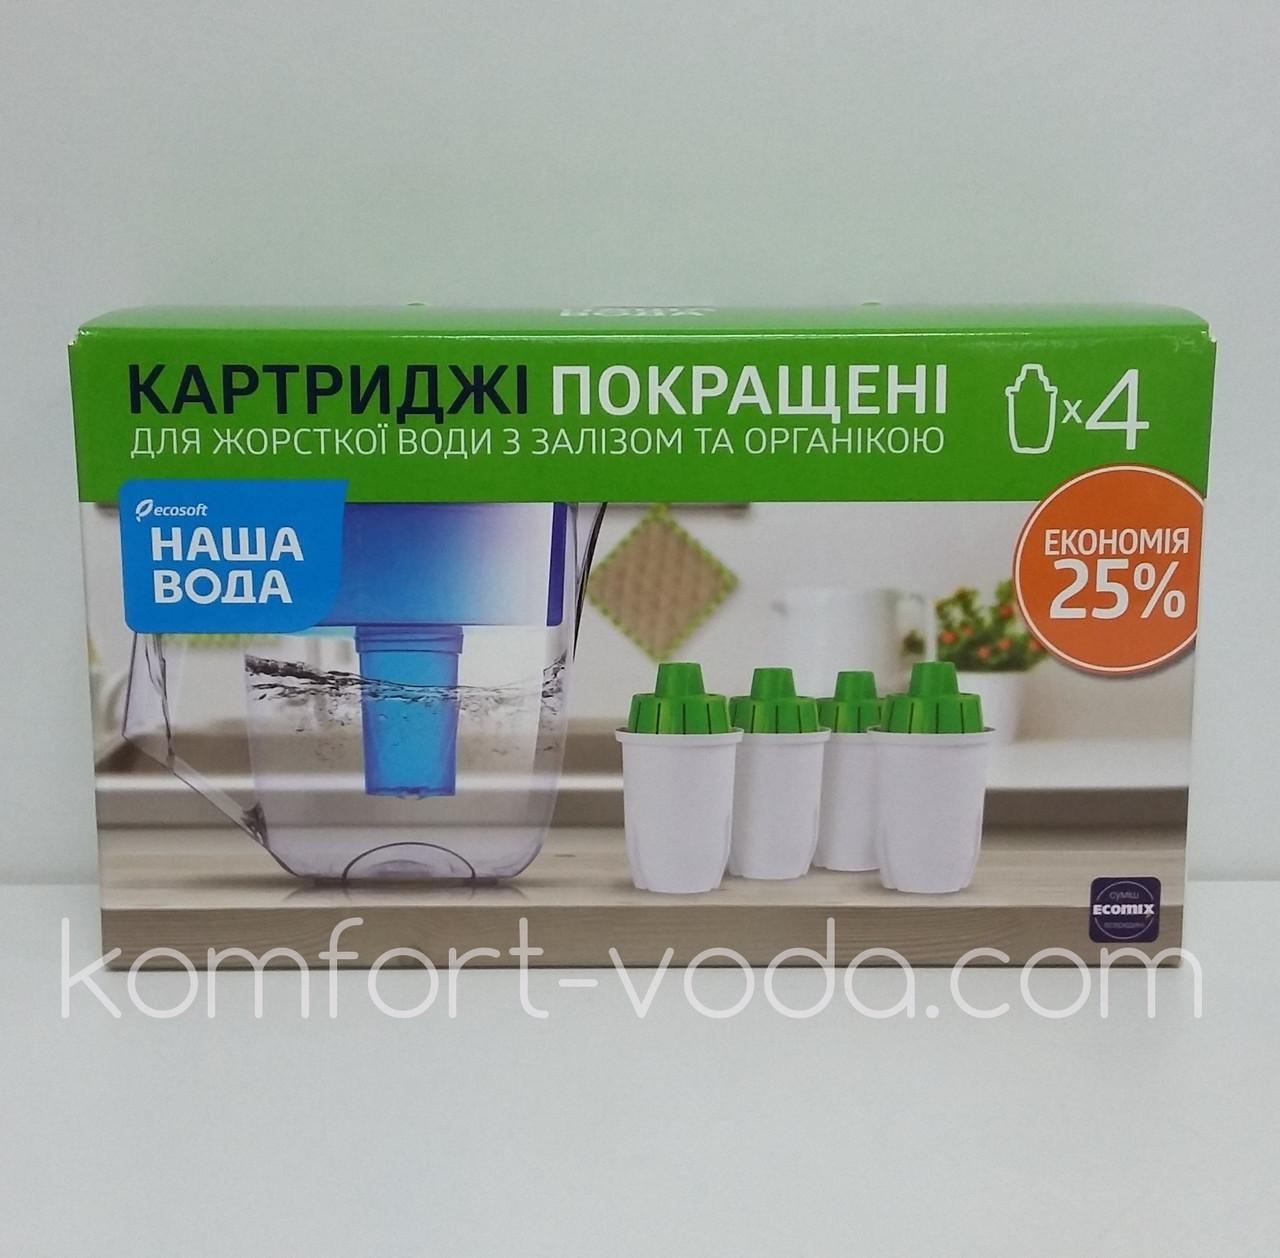 Комплект картриджей для фильтра-кувшина Наша Вода (3 + 1)